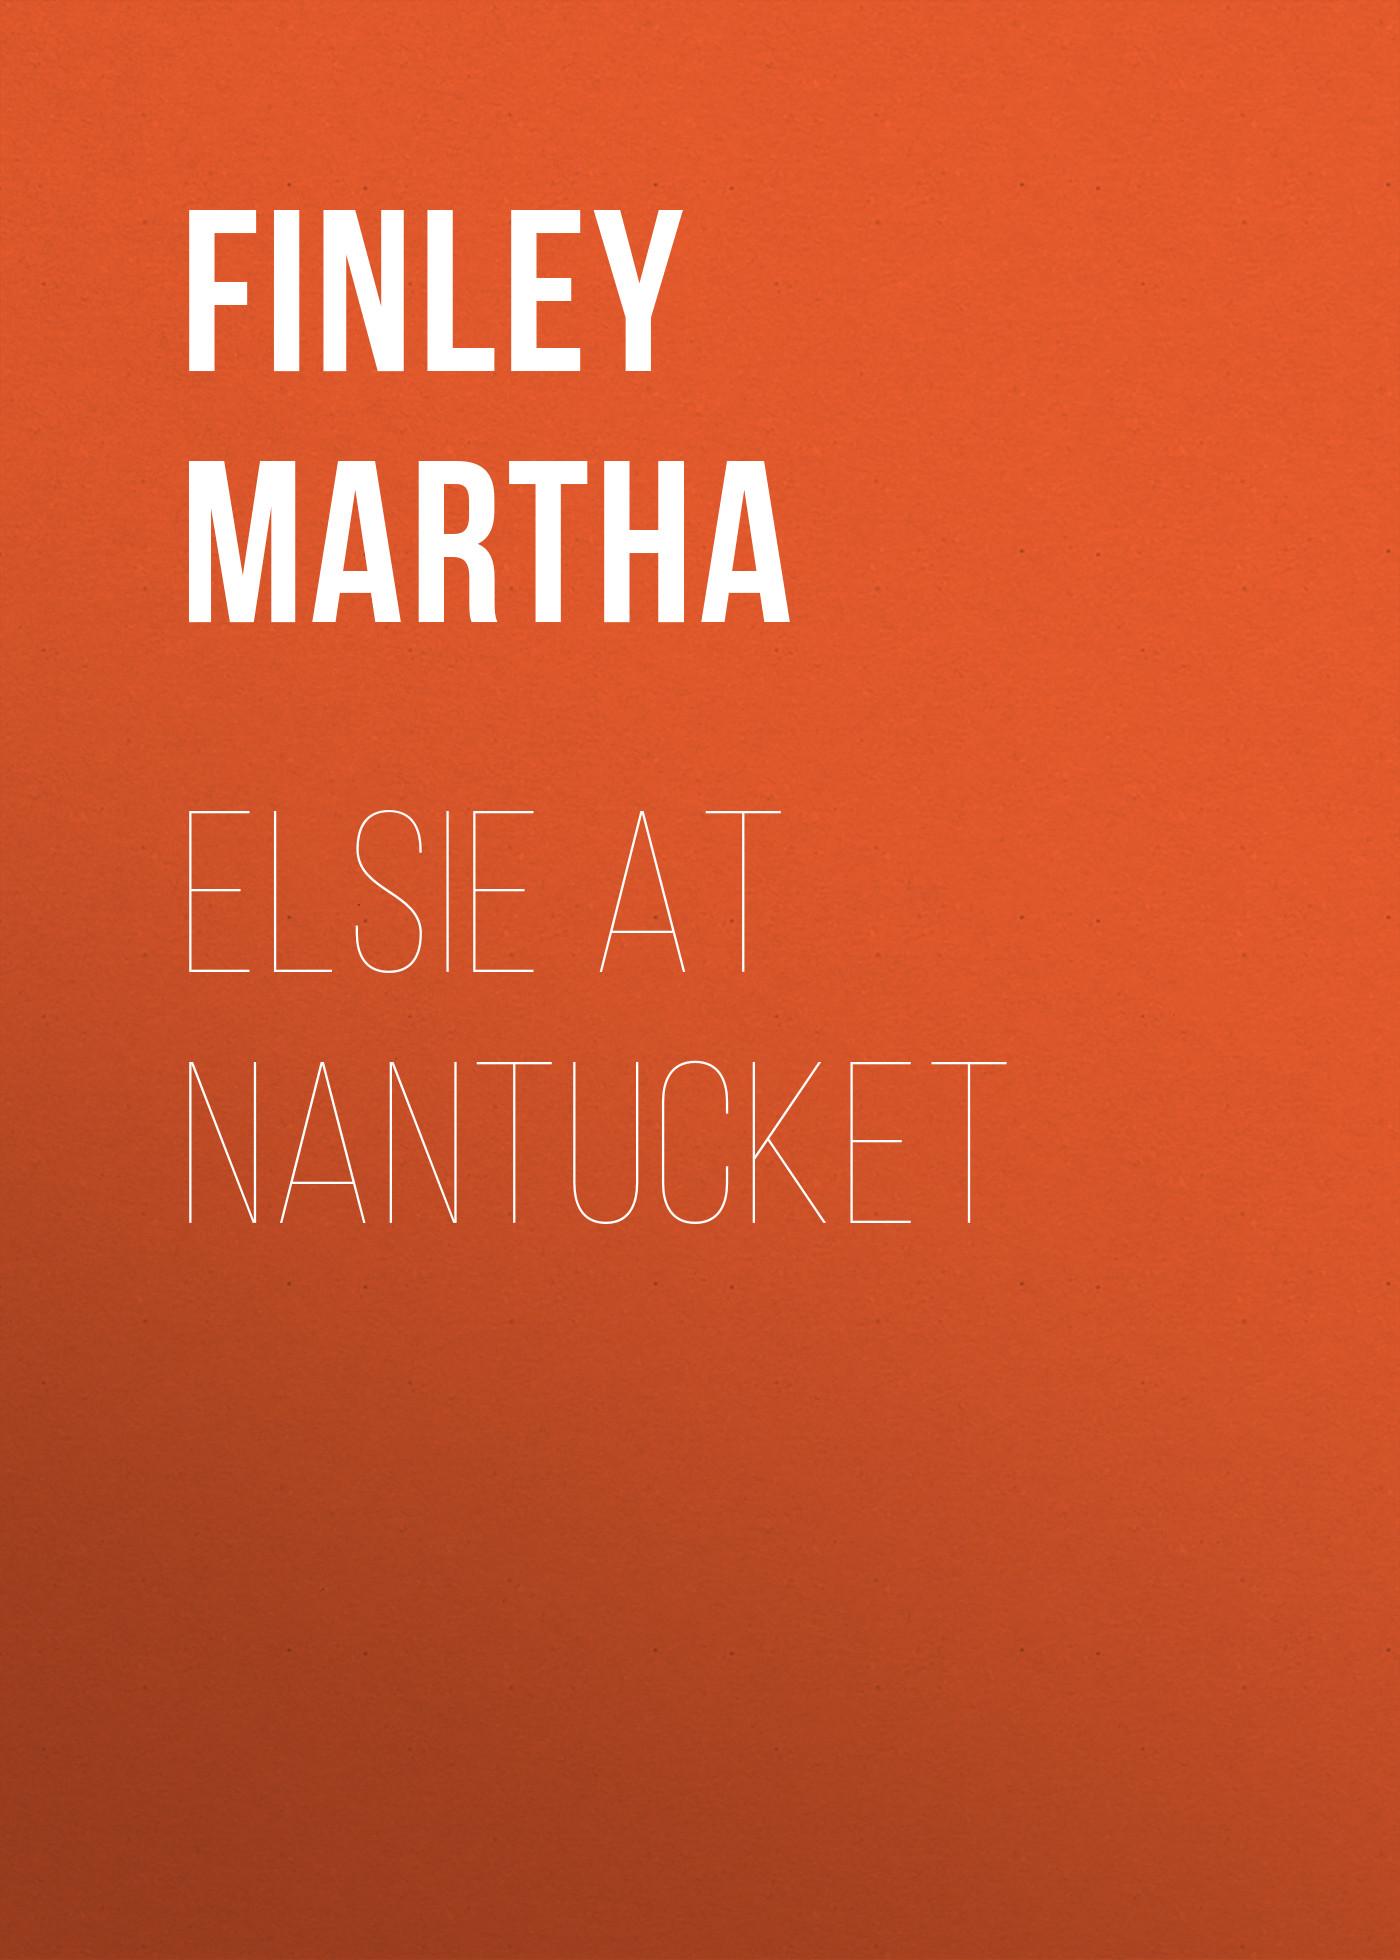 цена Finley Martha Elsie at Nantucket